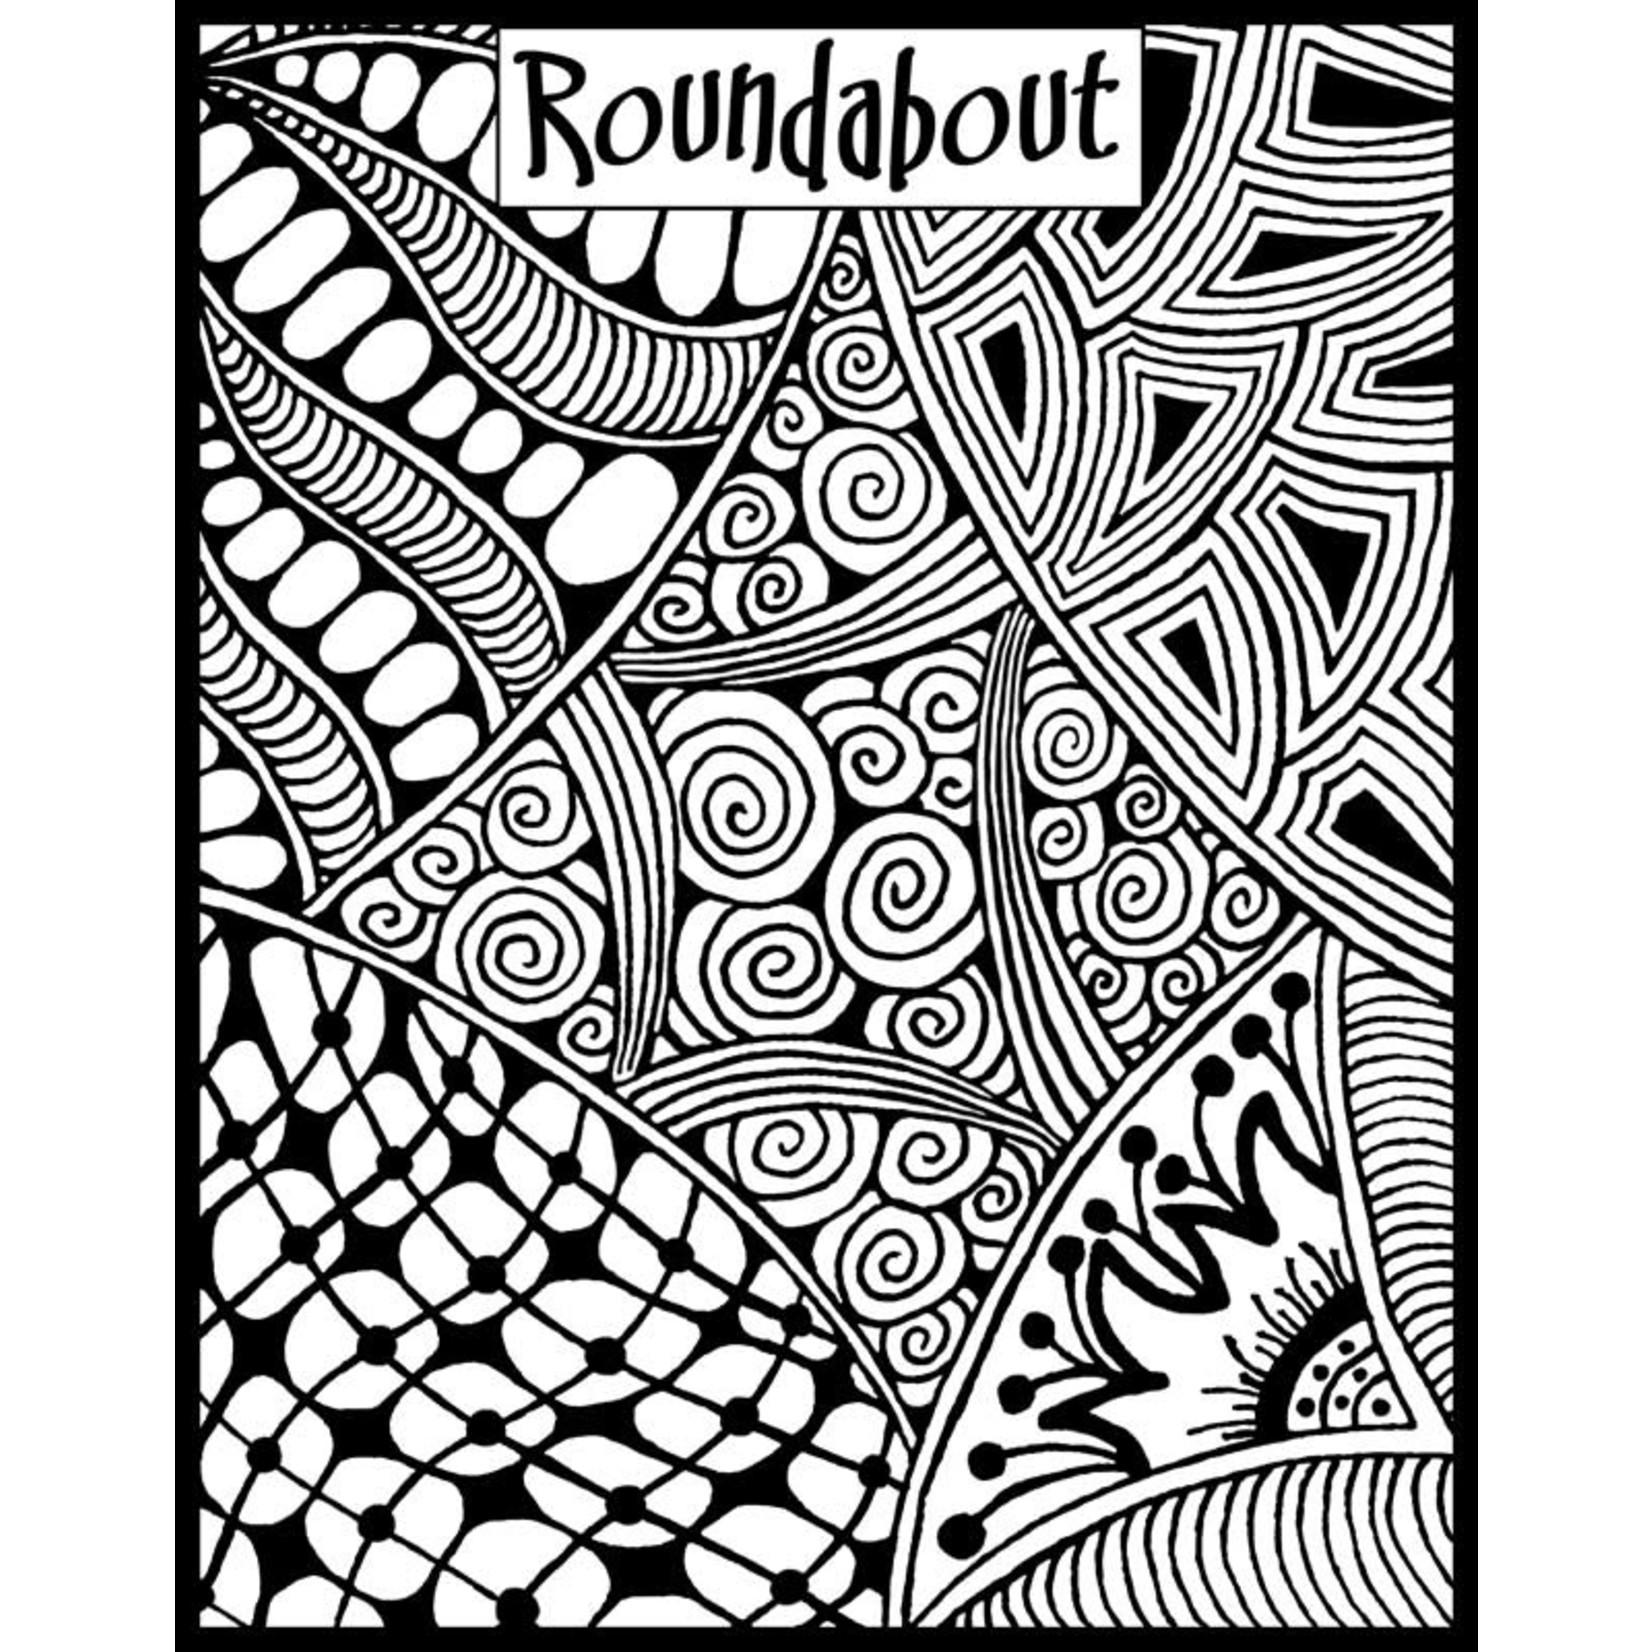 Helen Breil Texture Sheet: Roundabout